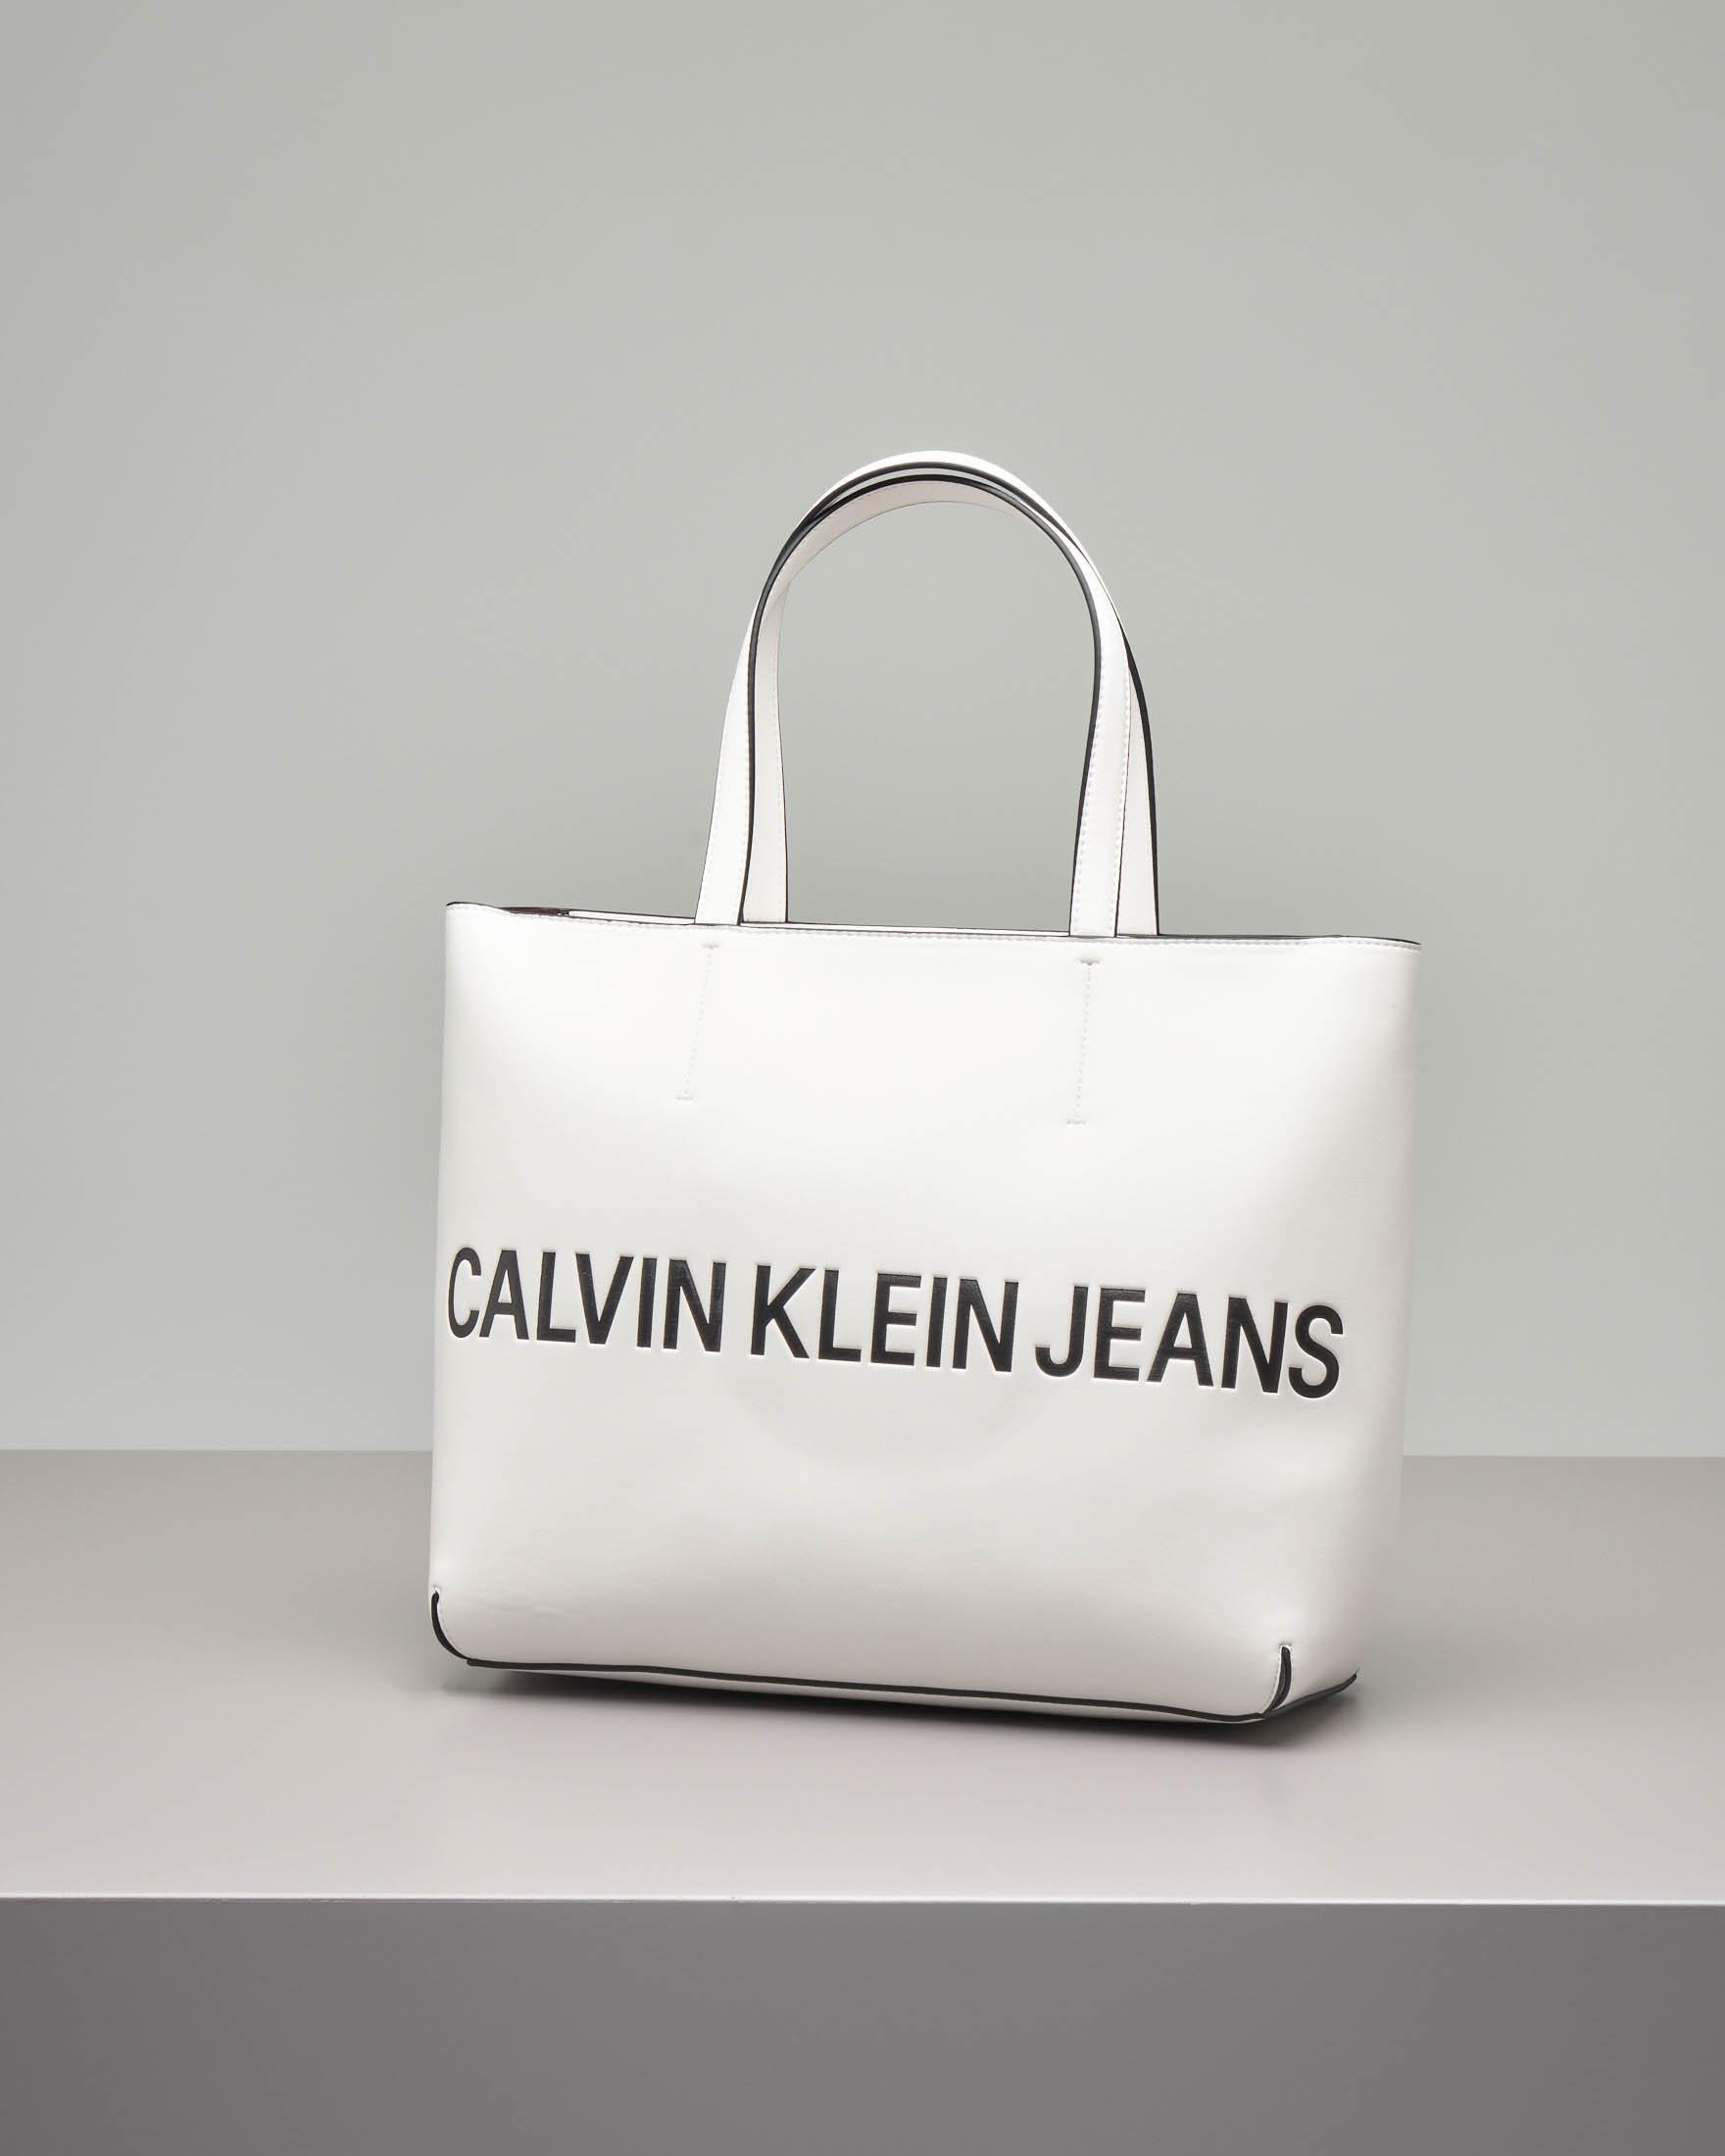 Shopping bag bianca in ecopelle misura grande modello rigido con scritta logo nera